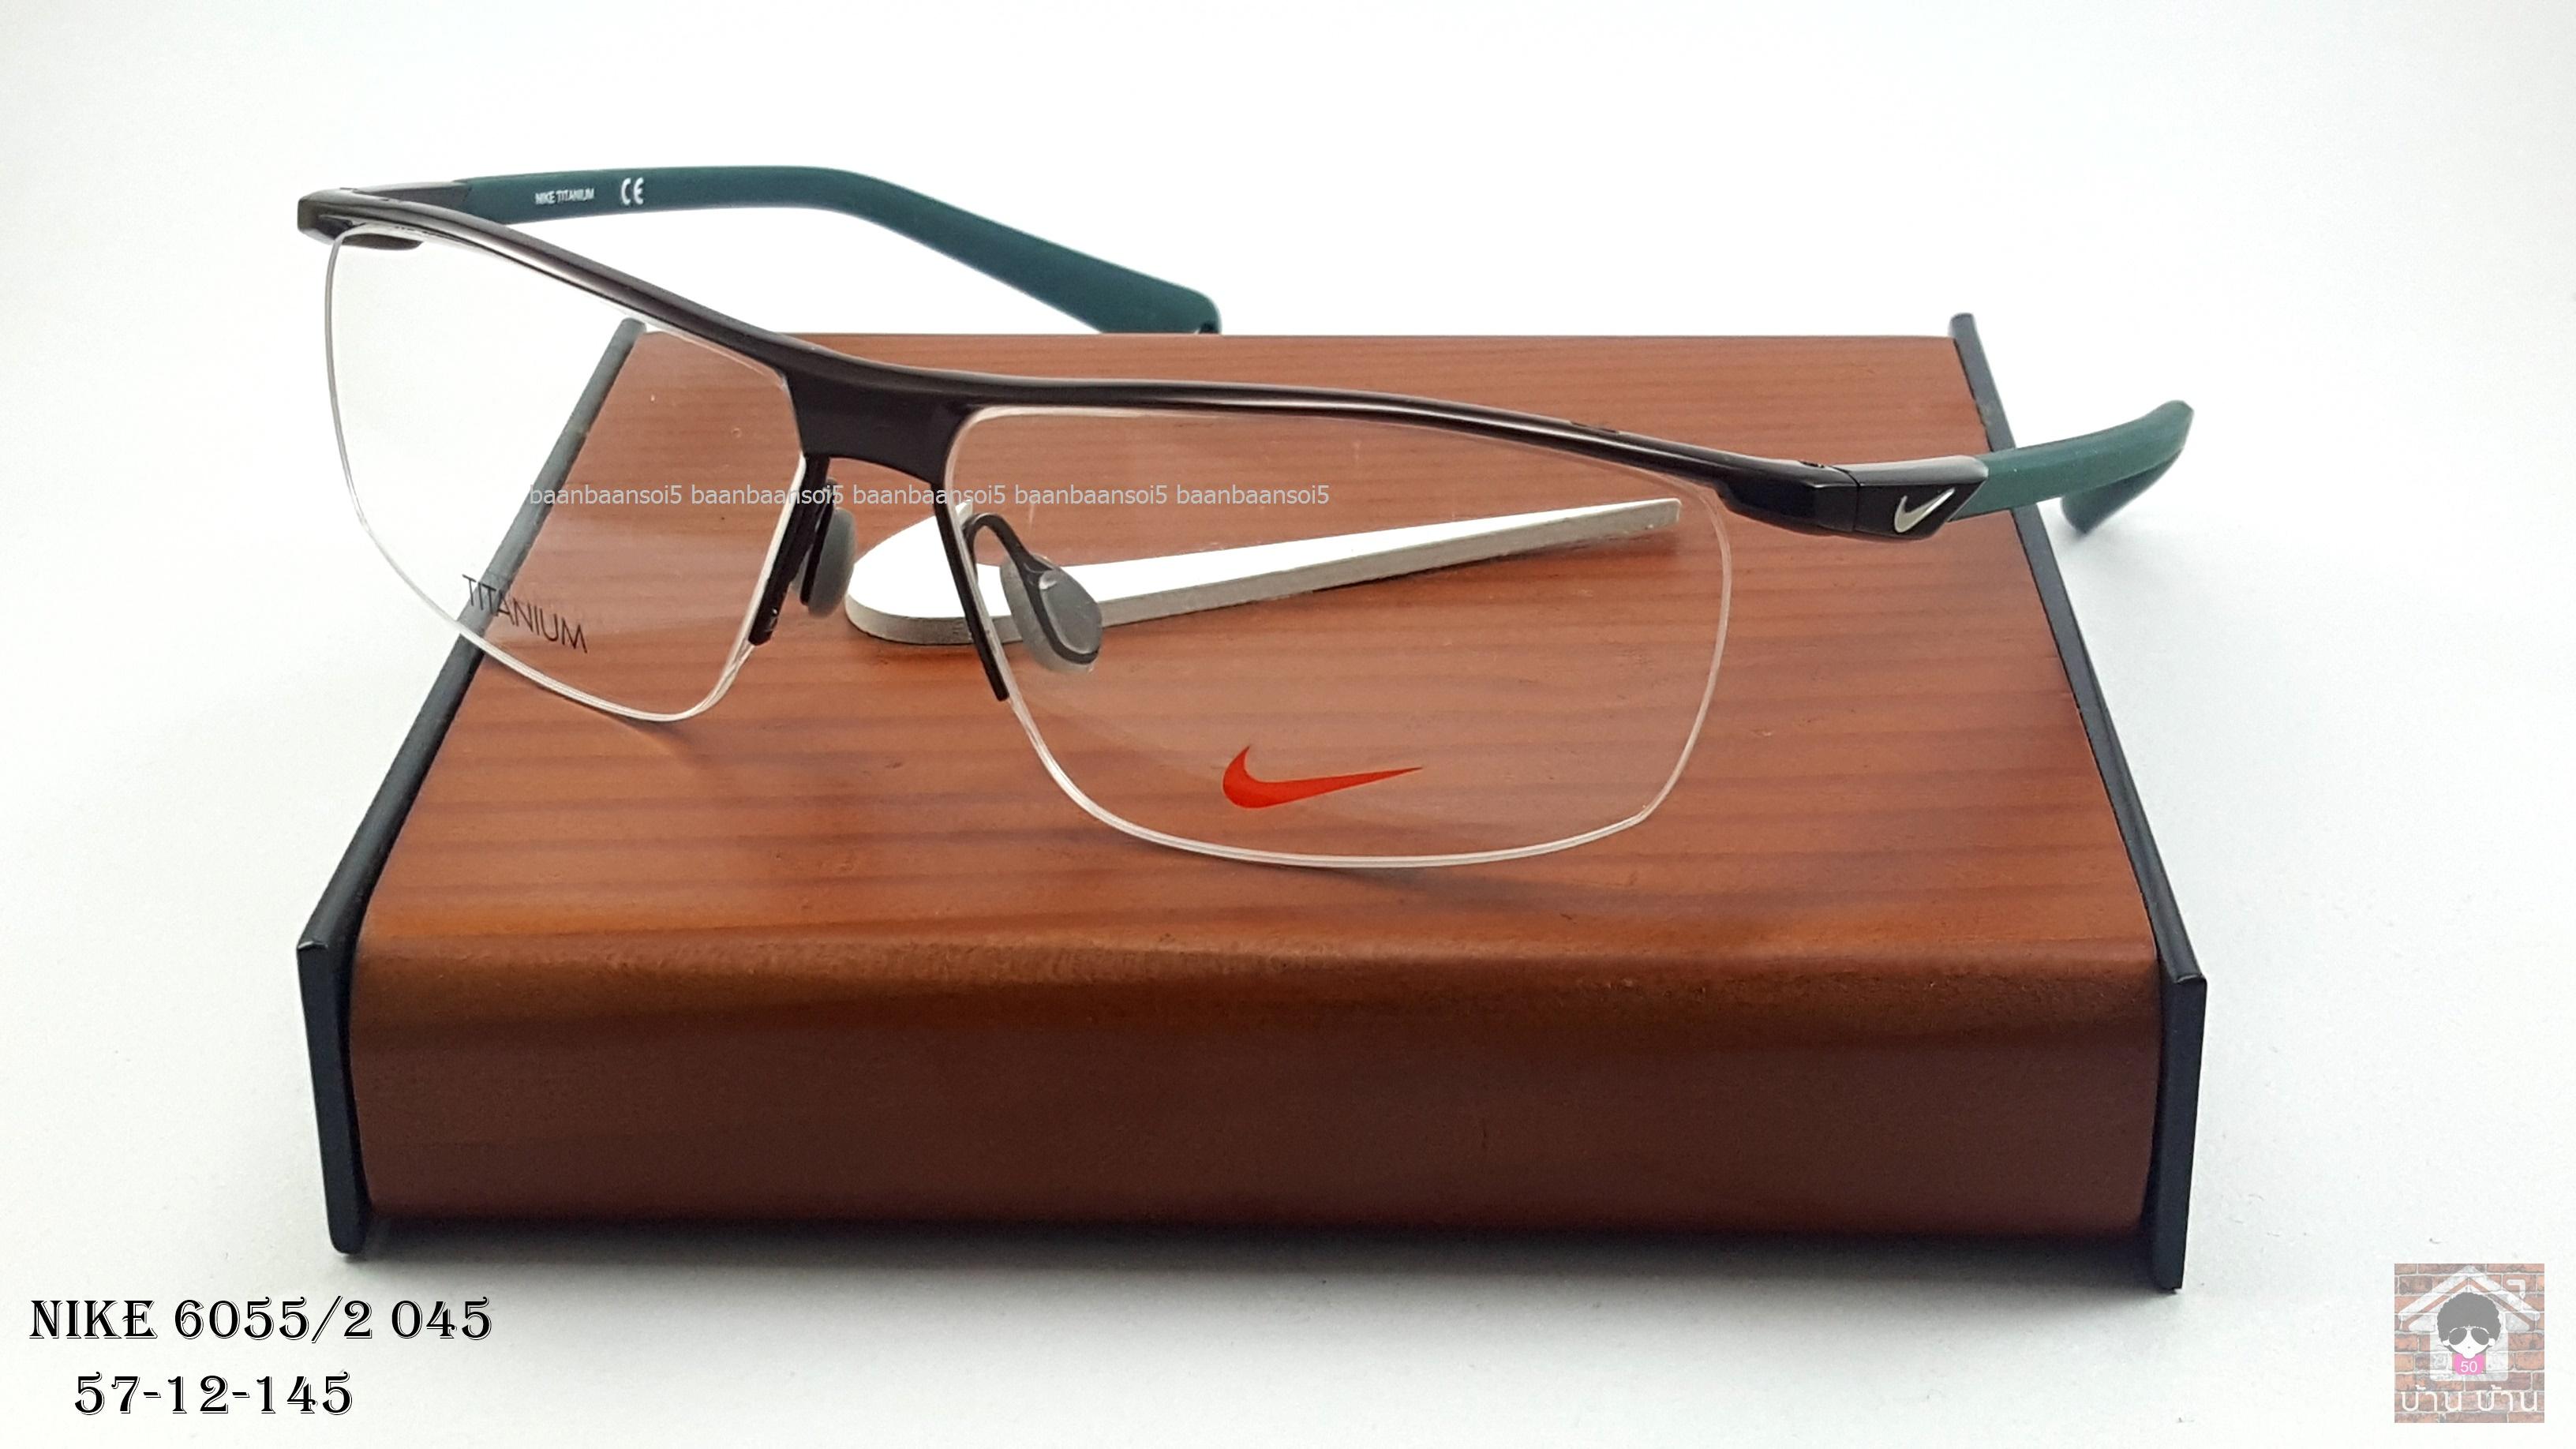 NIKE BRAND ORIGINALแท้ TITAUIUM 6055/2 245 กรอบแว่นตาพร้อมเลนส์ มัลติโค๊ตHOYA ป้องกันรังสีคอม 6,200 บาท